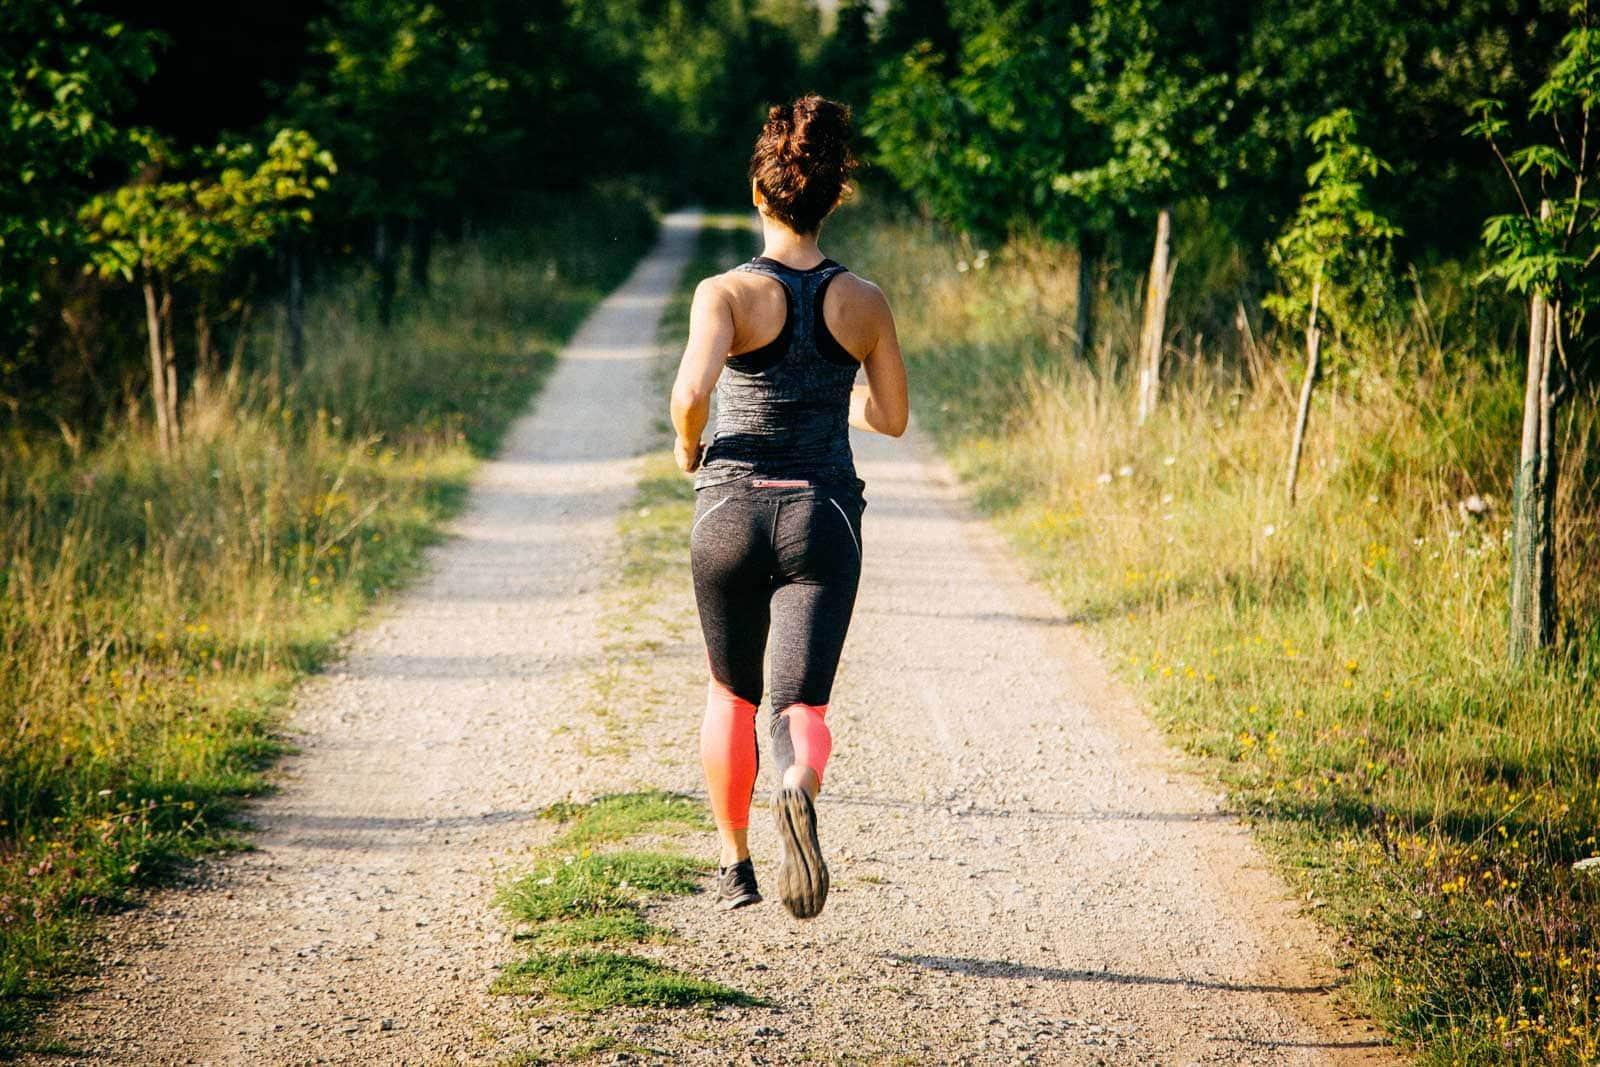 Hinteransicht einer sportlich gekleideten Frau beim Laufen am Rande des Mattheiser Walds